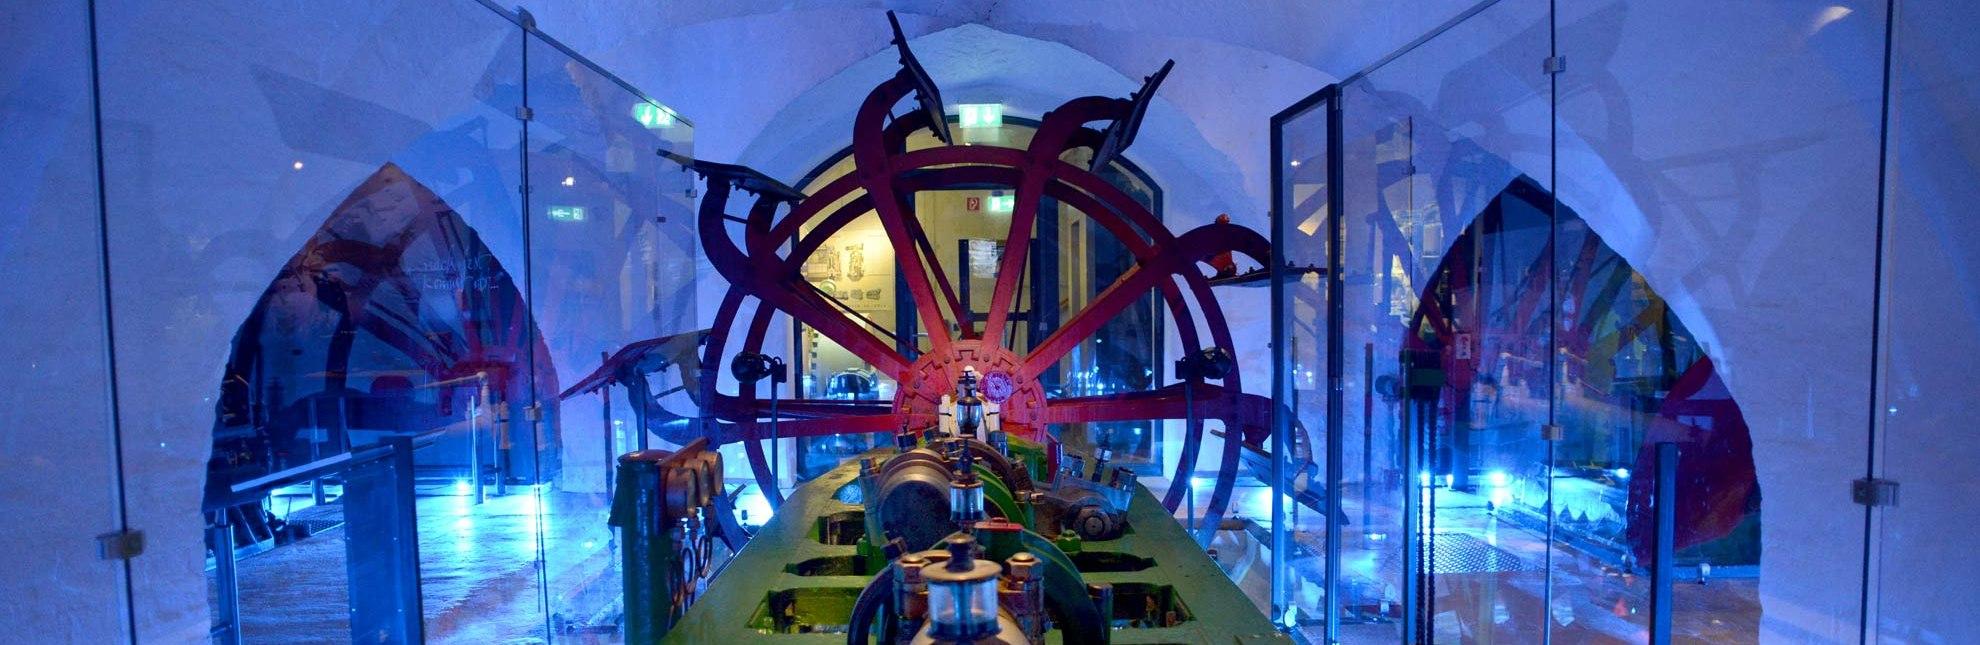 Das Elbschifffahrtsmuseum in Lauenburg/Elbe präsentiert alte Schiffsantriebe., © Uwe Franzen / Tourist-Information Lauenburg